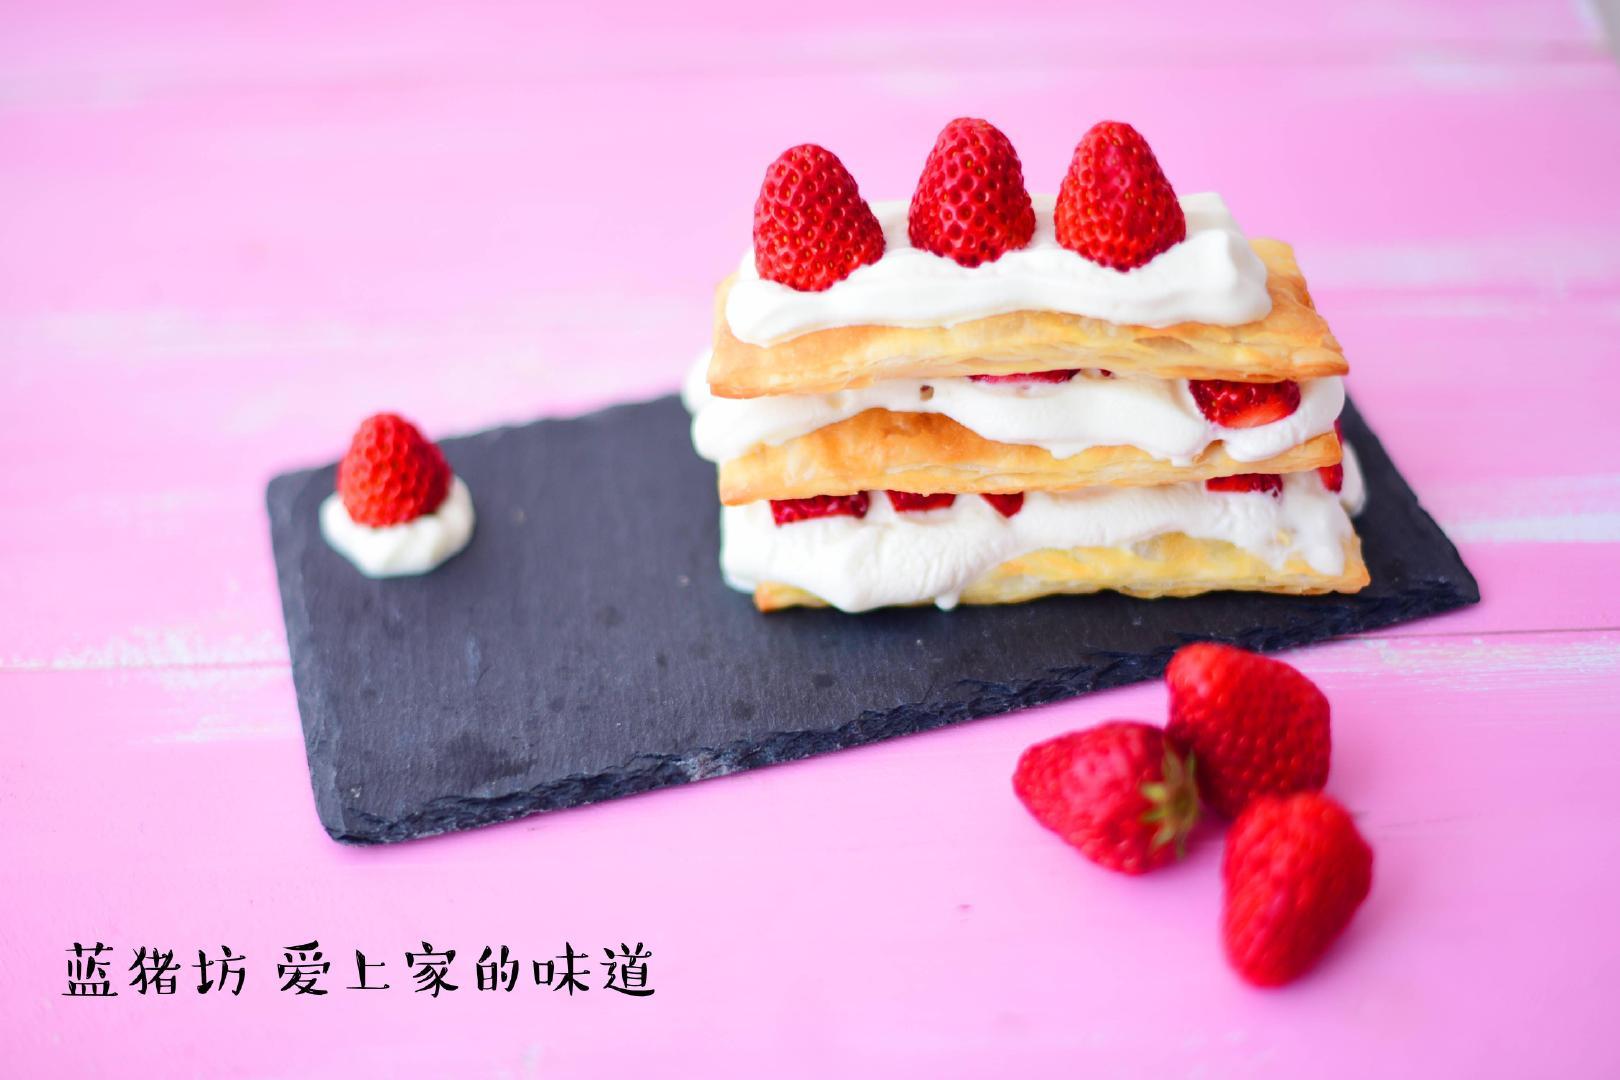 超好吃拿破仑蛋糕,手把手教你做,放上水果更好吃